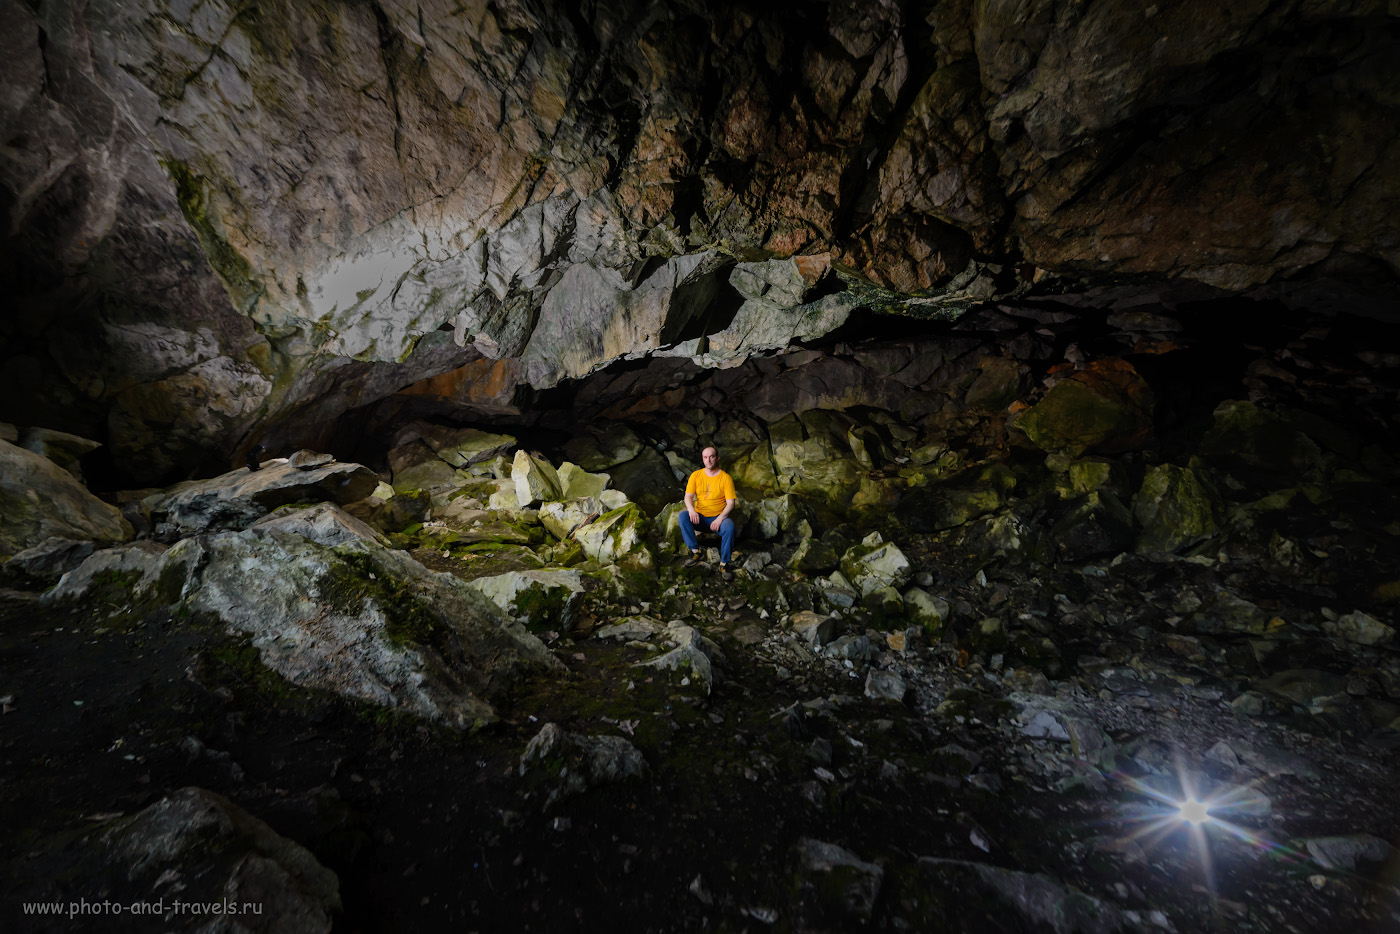 24. Попытка снять натуральный портрет в гроте Большой Аракаевской пещеры. 1/50, 5.6, 1000, -1.0, 14.